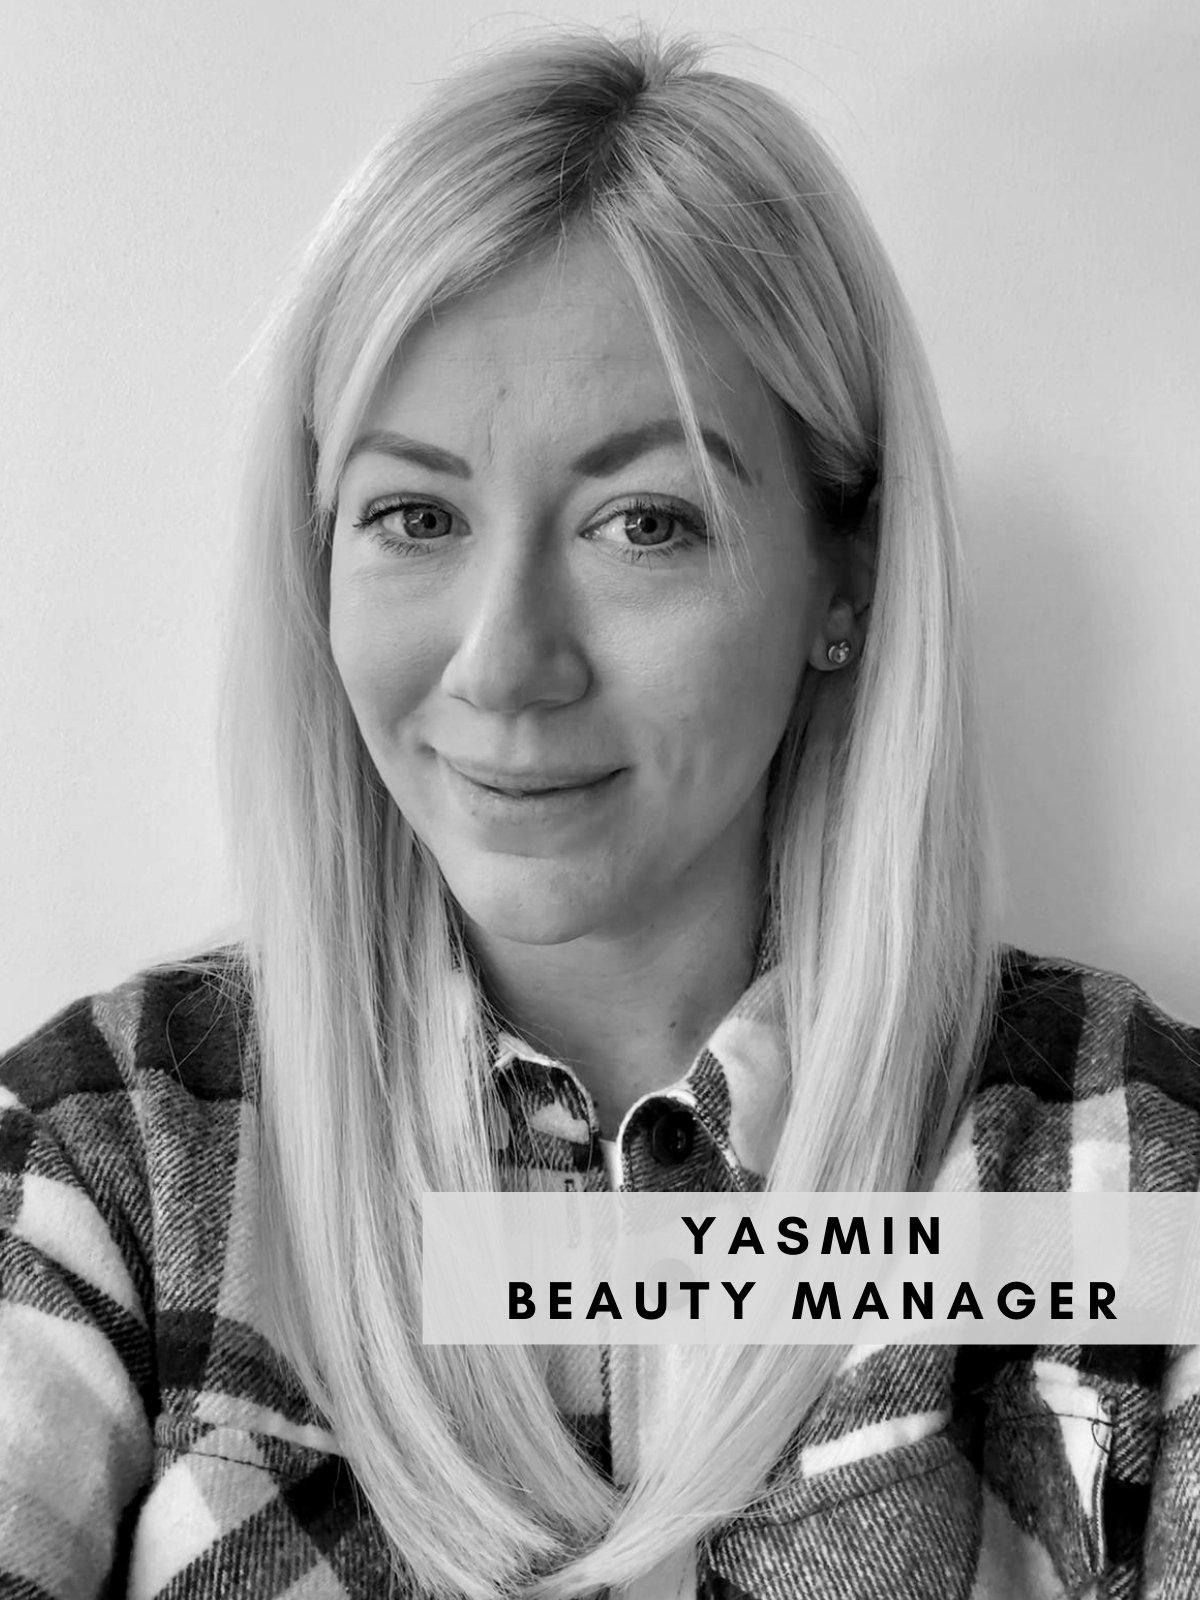 Yasmin – Beauty Manager